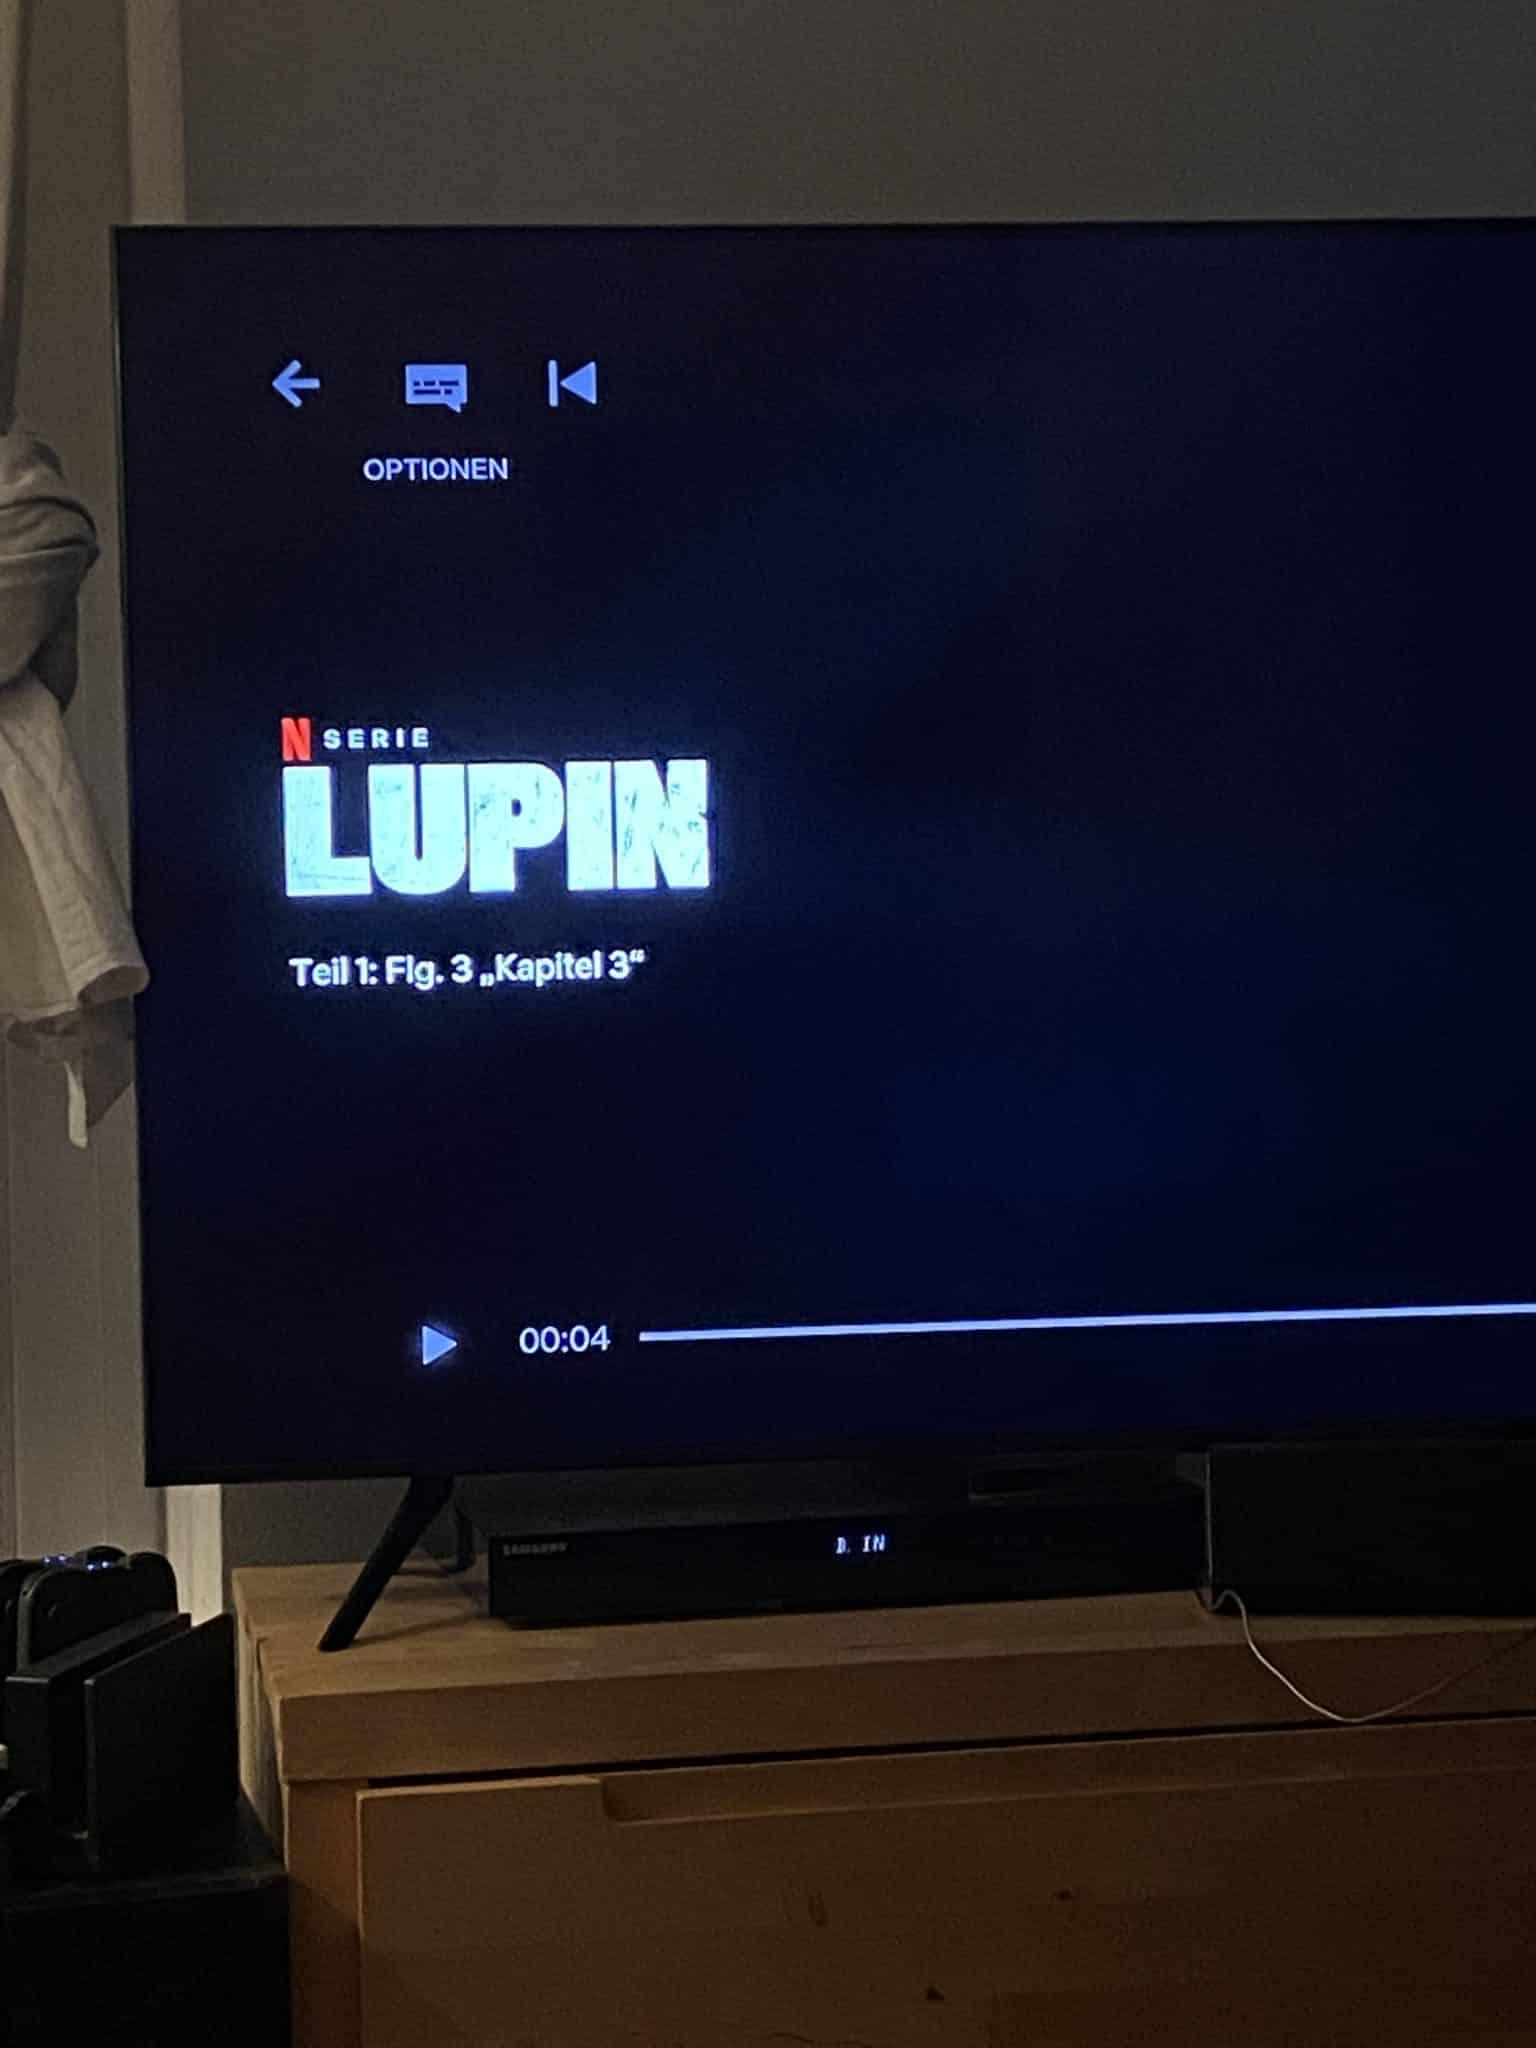 Am Abend schauen der Mann und ich noch Lupin durch, eine sehr gute Serie!